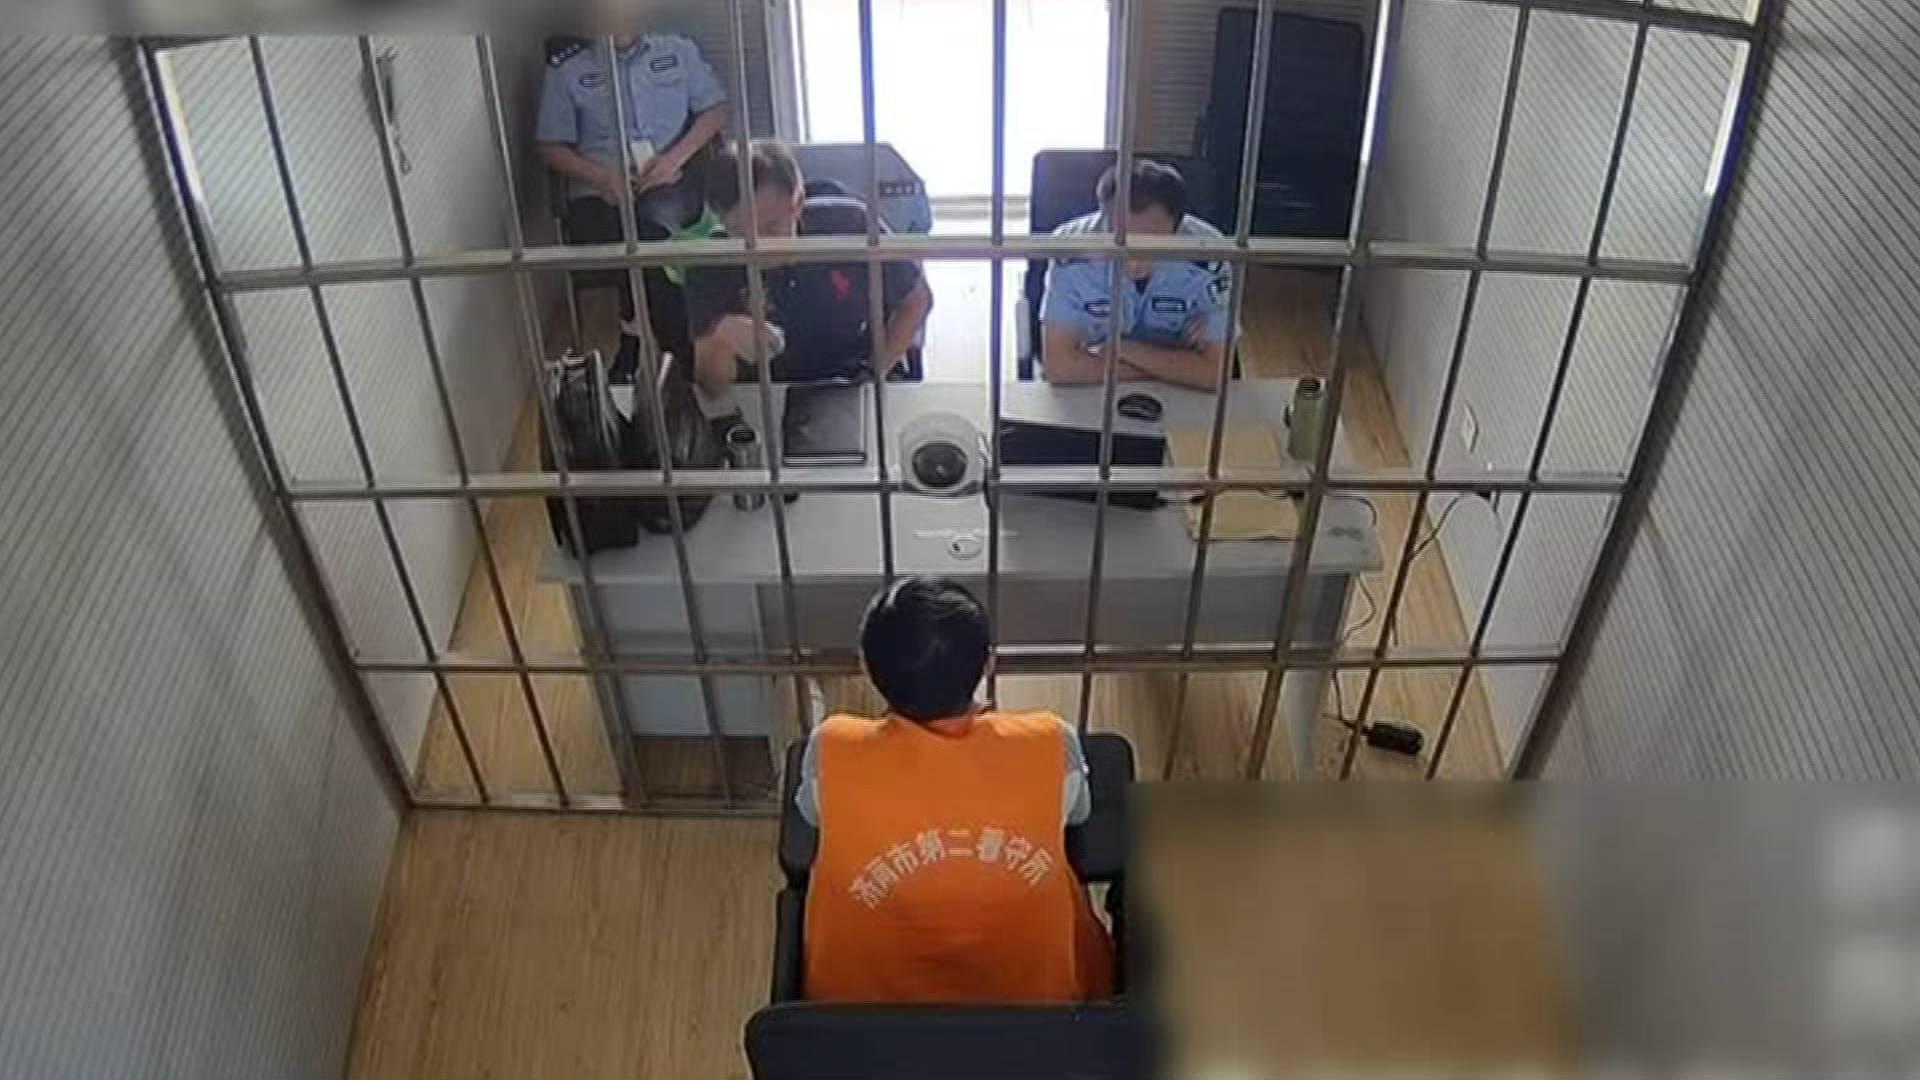 34秒丨把审讯当成艺术!李忠33年与审讯打交道,经其审讯教育的嫌疑人无一人翻案